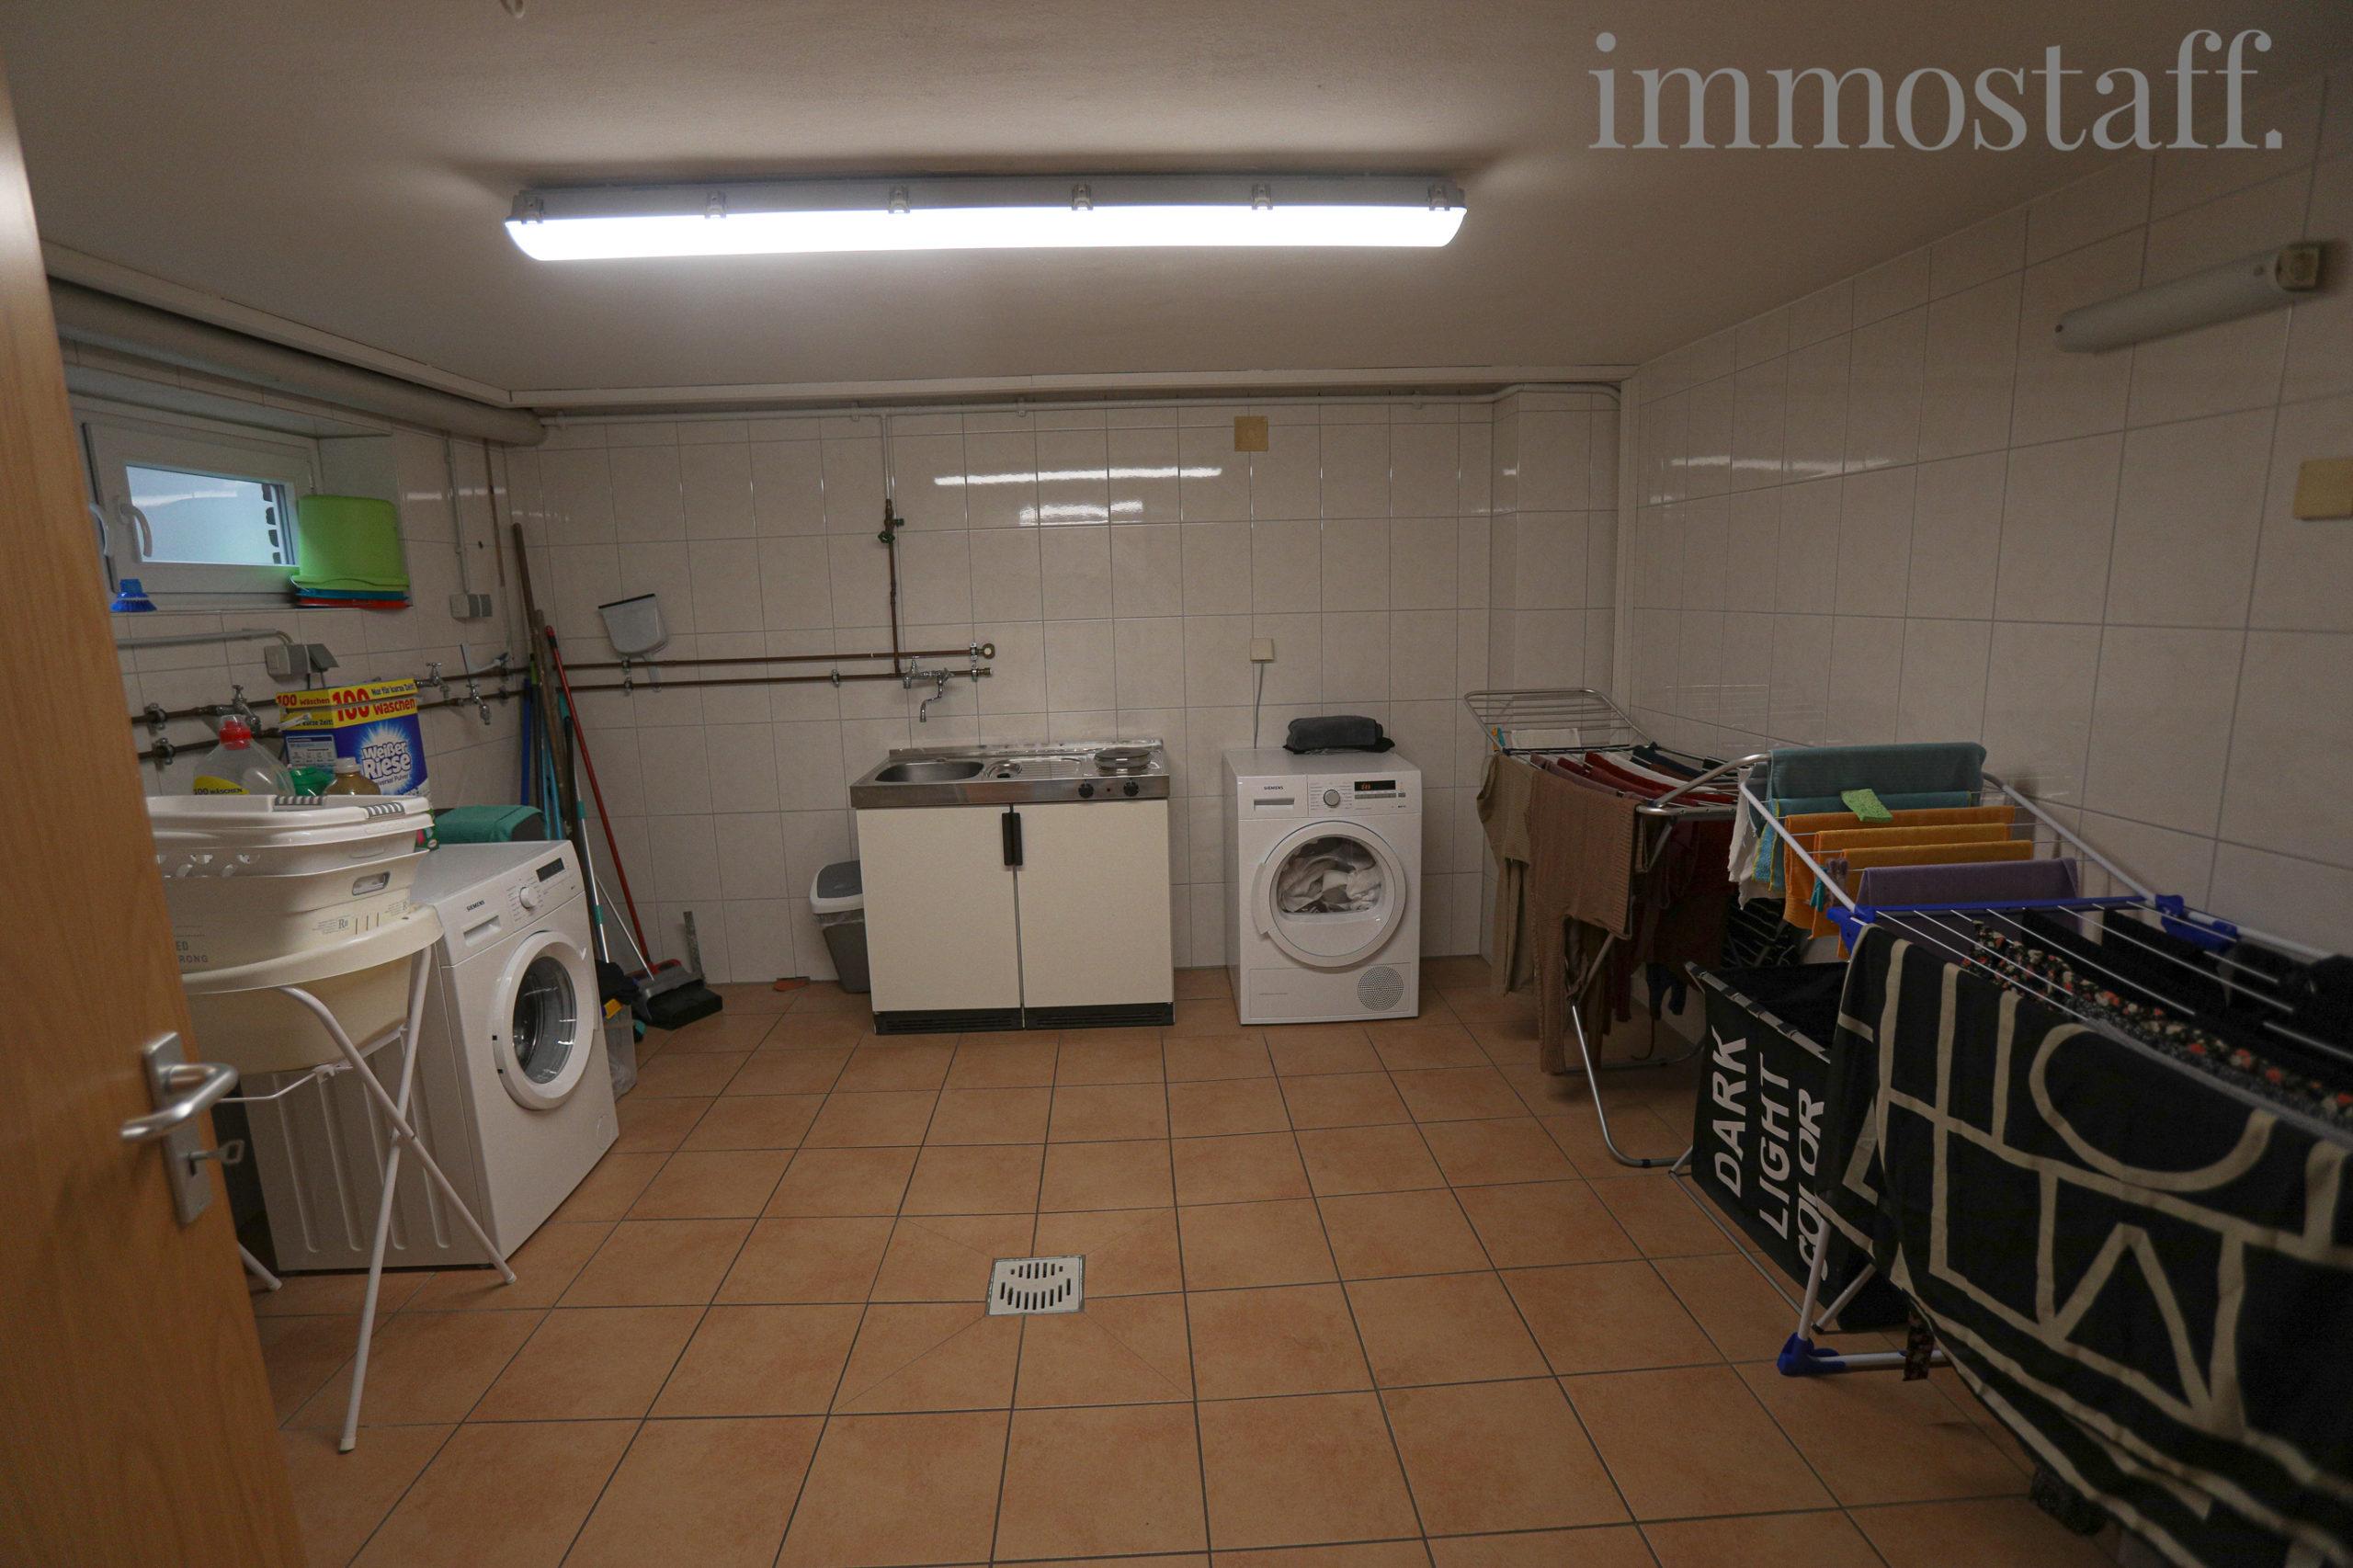 Wasch- & Trockenraum im Untergeschoss